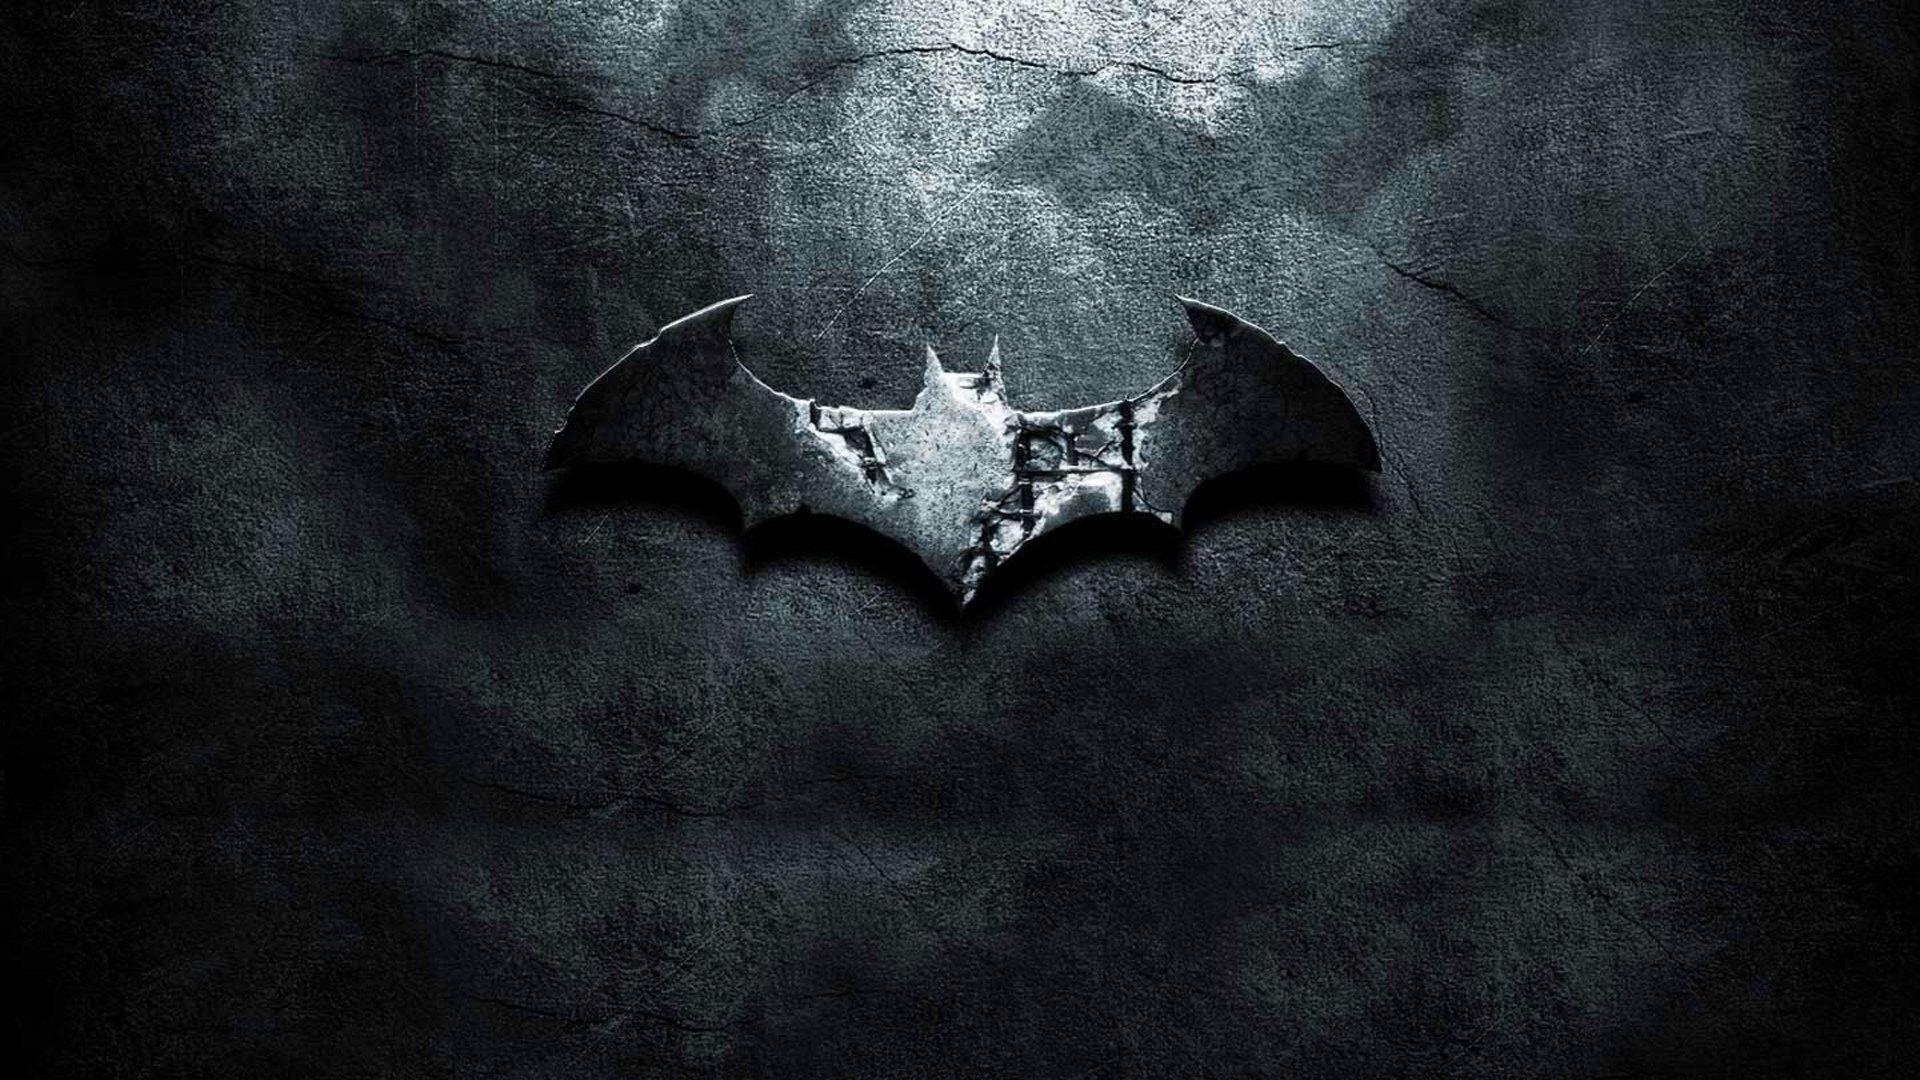 Batman logo wallpaper hd 74 images 1920x1080 wallpapers for batman logo wallpaper hd 1080p voltagebd Image collections